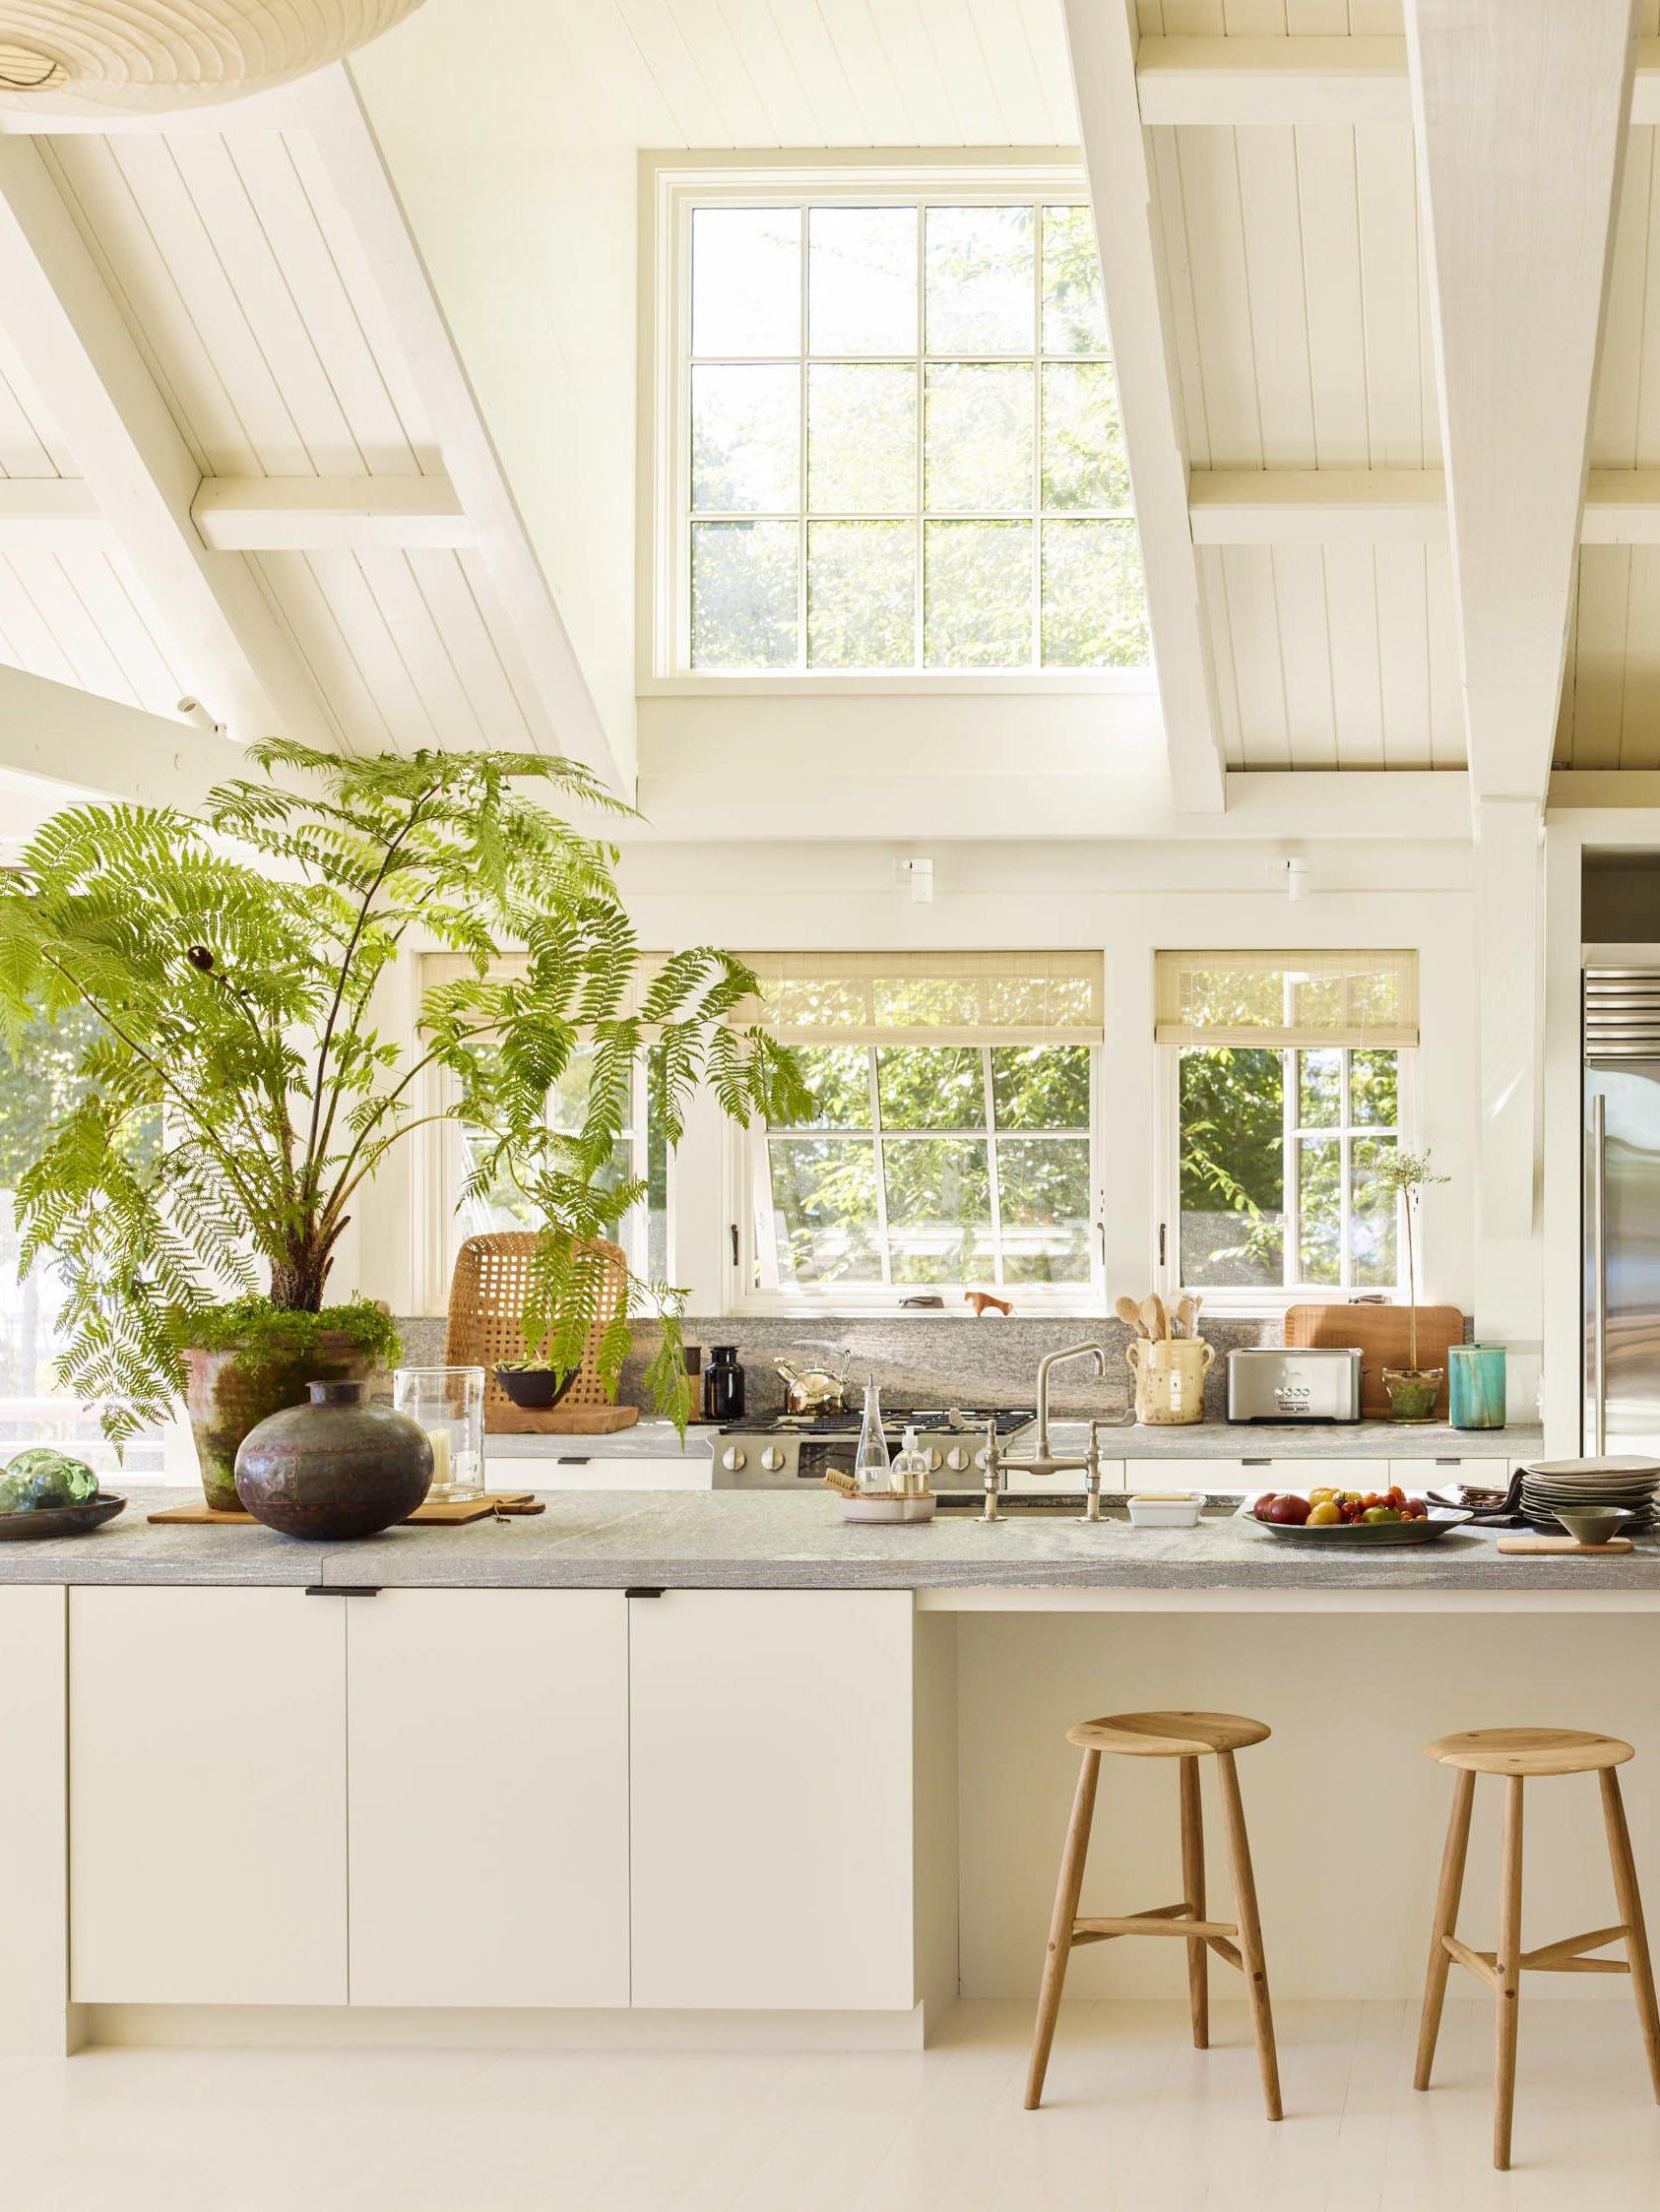 cuisine de cottage moderne baignée de lumière en blanc crème | visite de maison de style cottage maine sur coco kelley